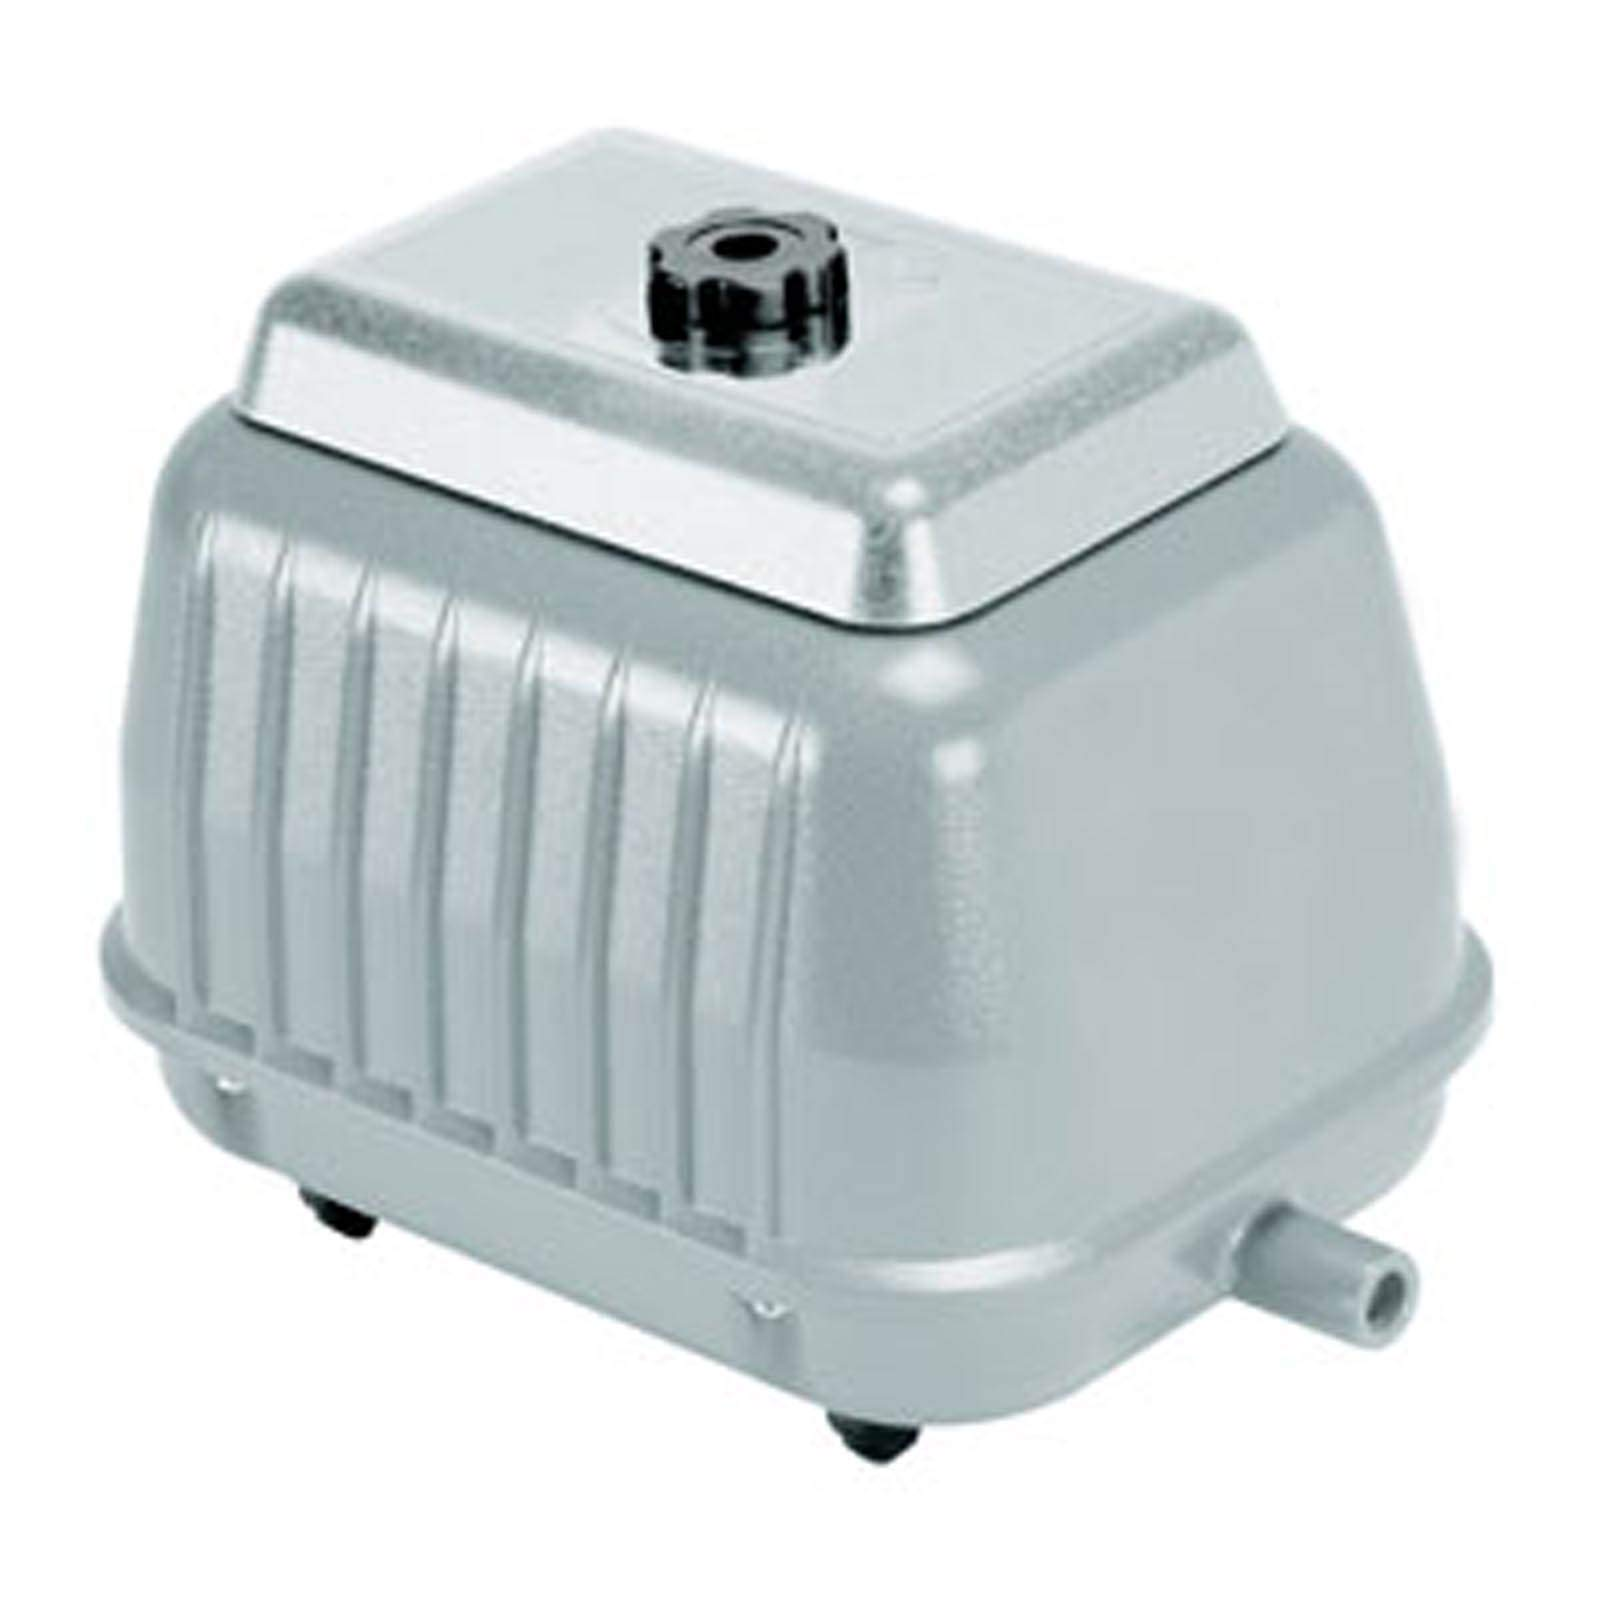 Supreme (Danner) ASP04280 AP-100 Aquarium Air Pump, 100-watt by Danner